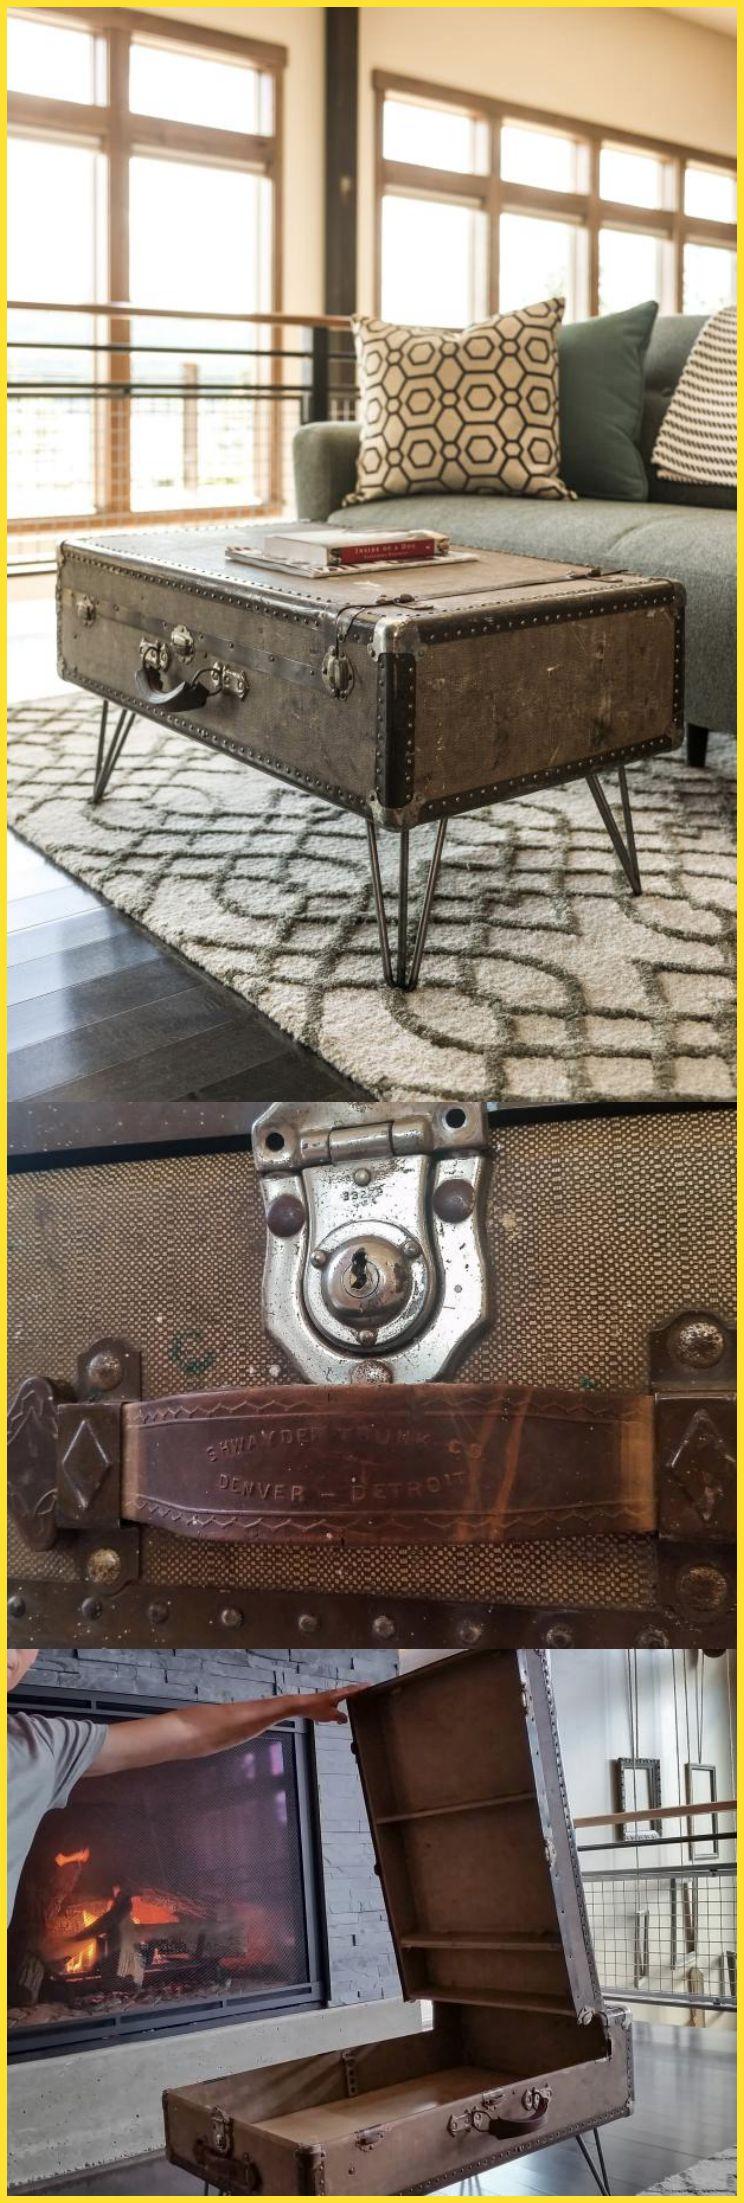 Журнальный столик своими руками из старого чемодана фото 221